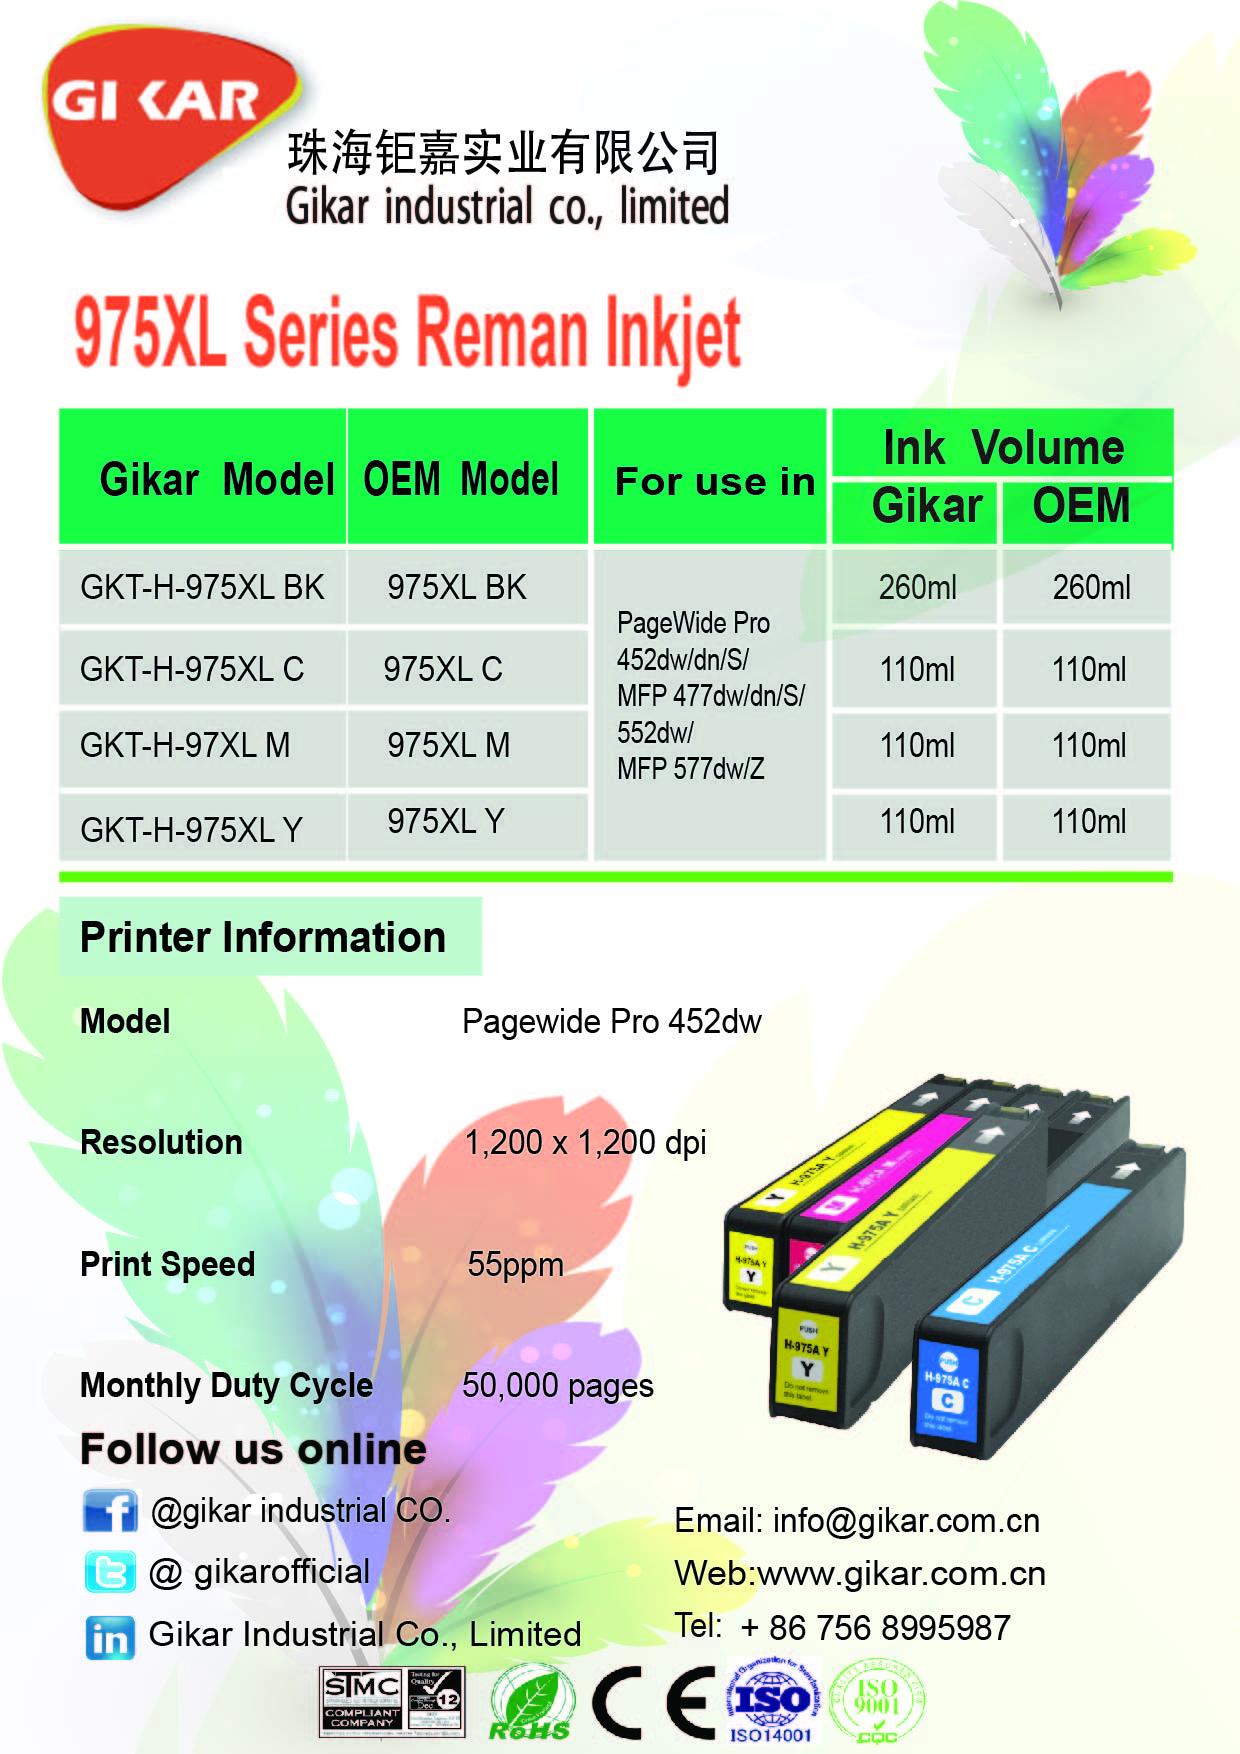 钜嘉实业成功推出再生975XL系列墨盒